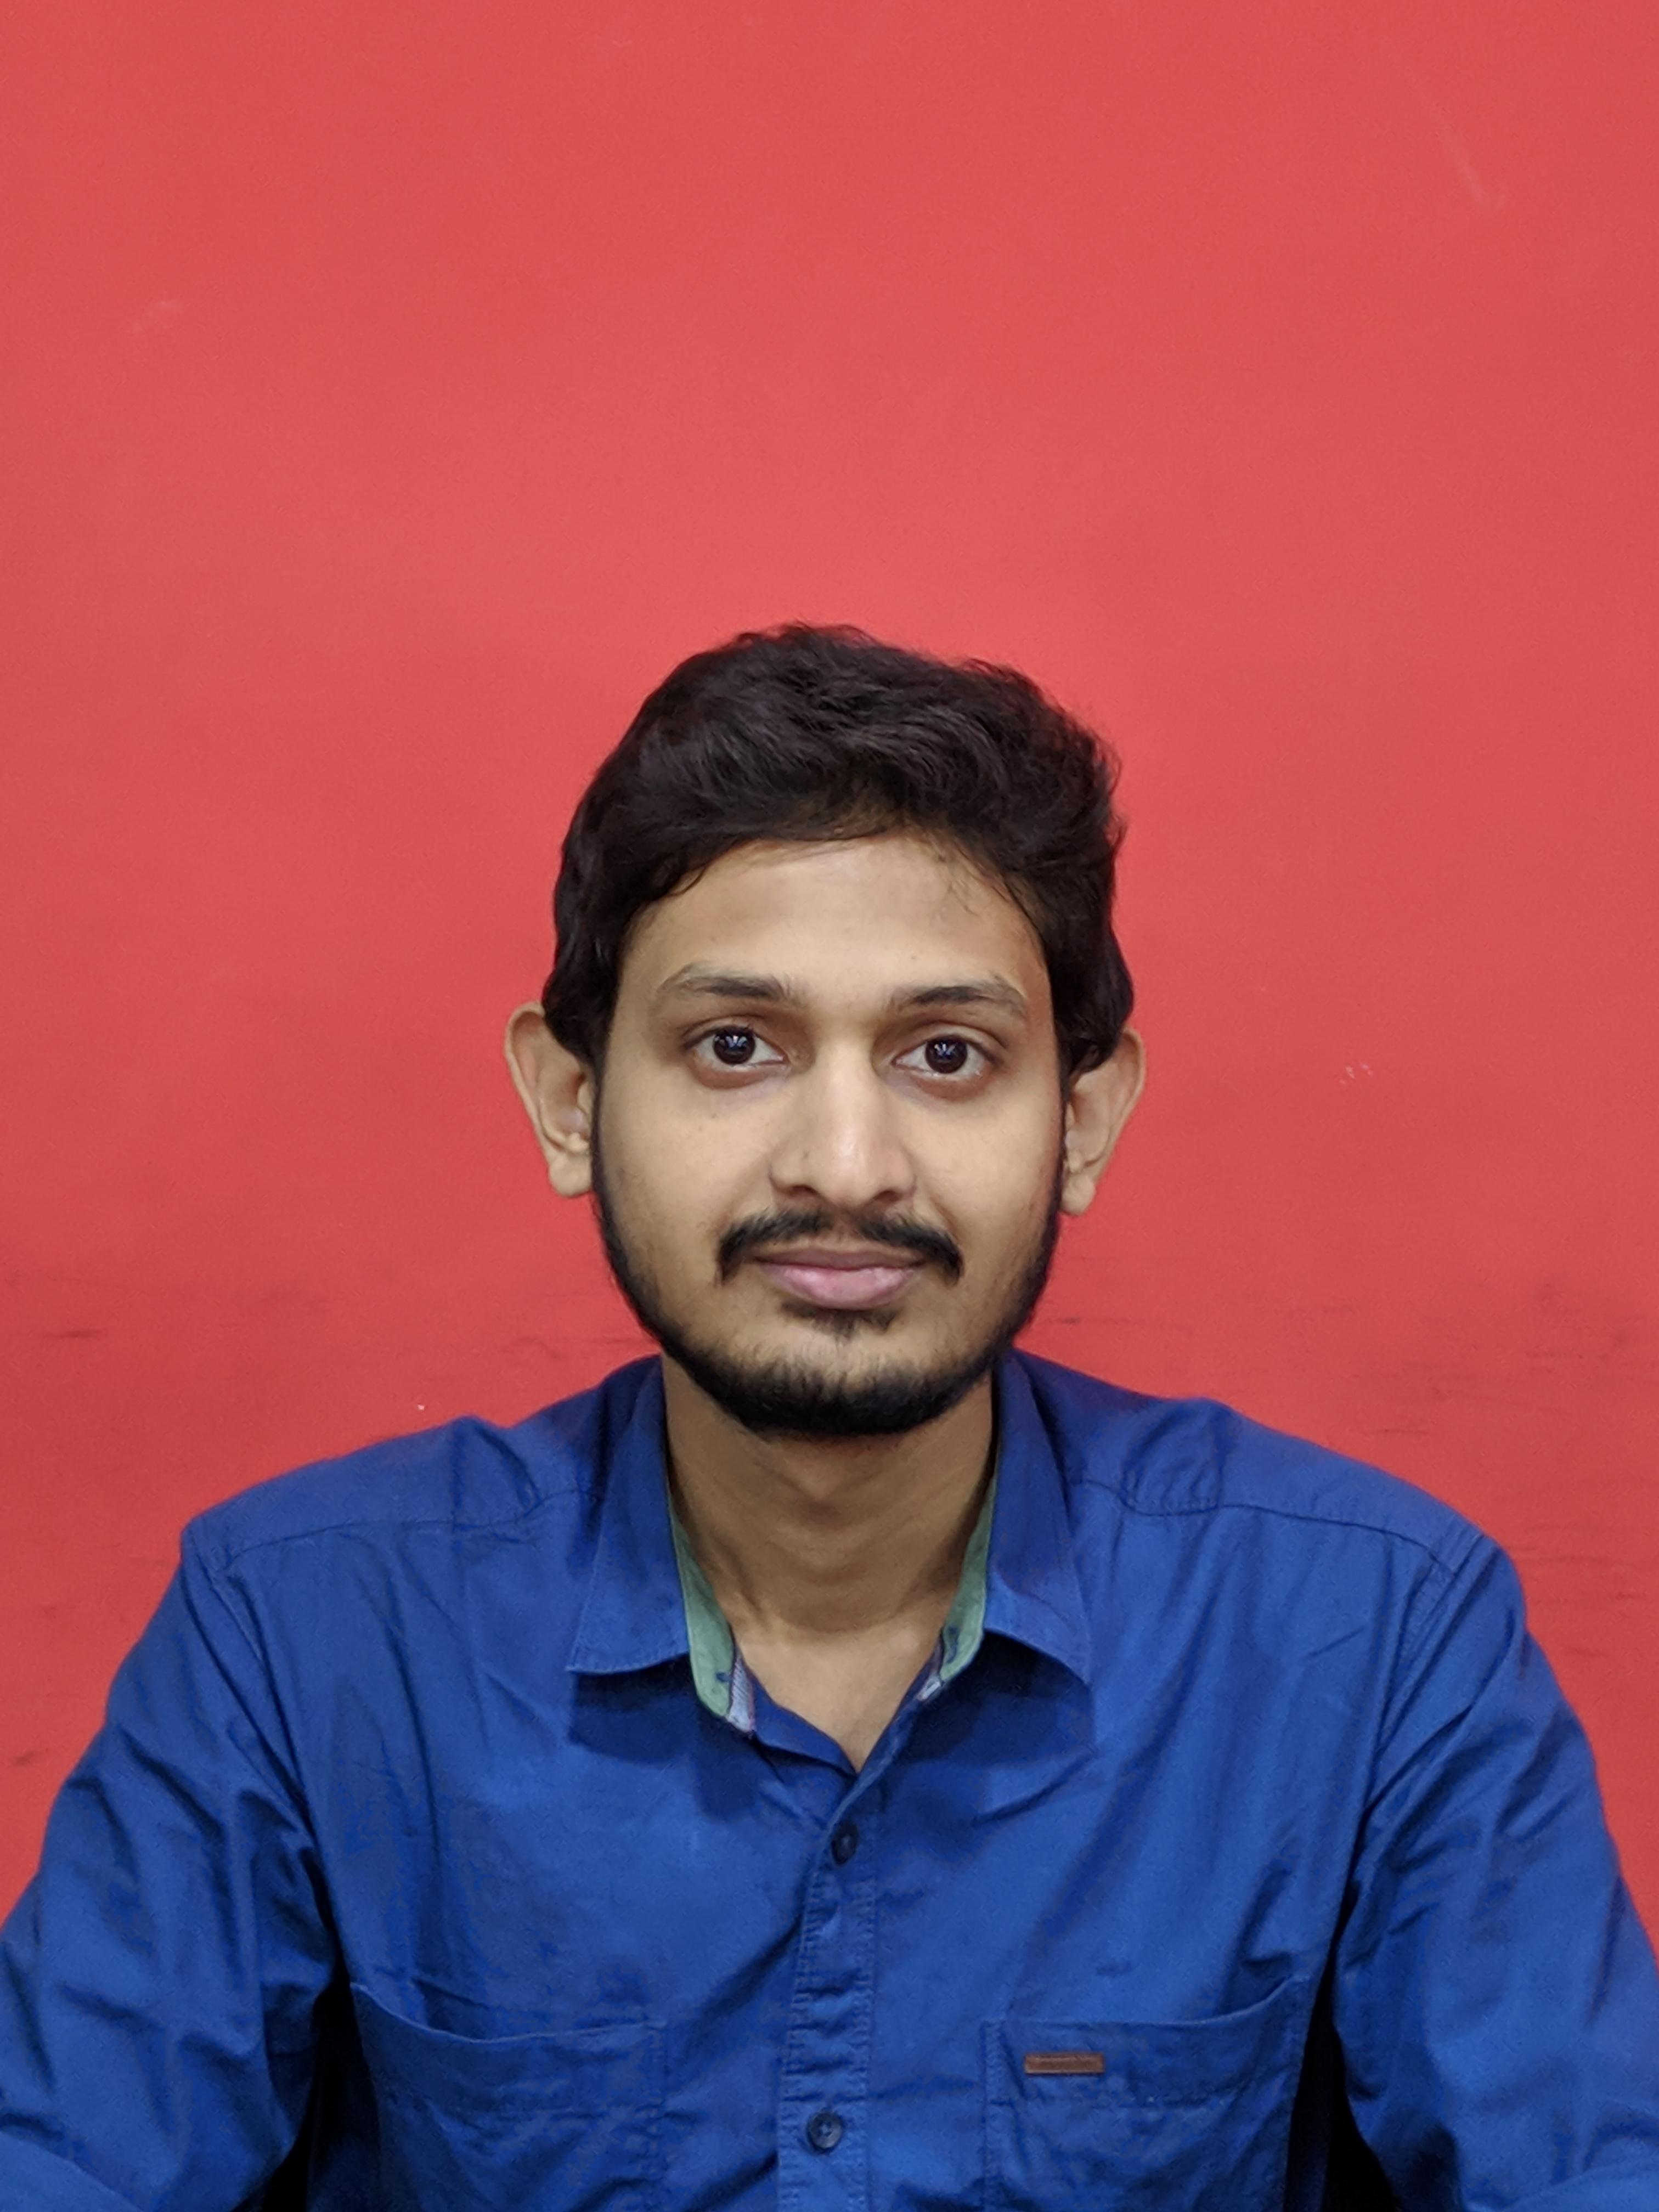 G Naga Subrahmanyam